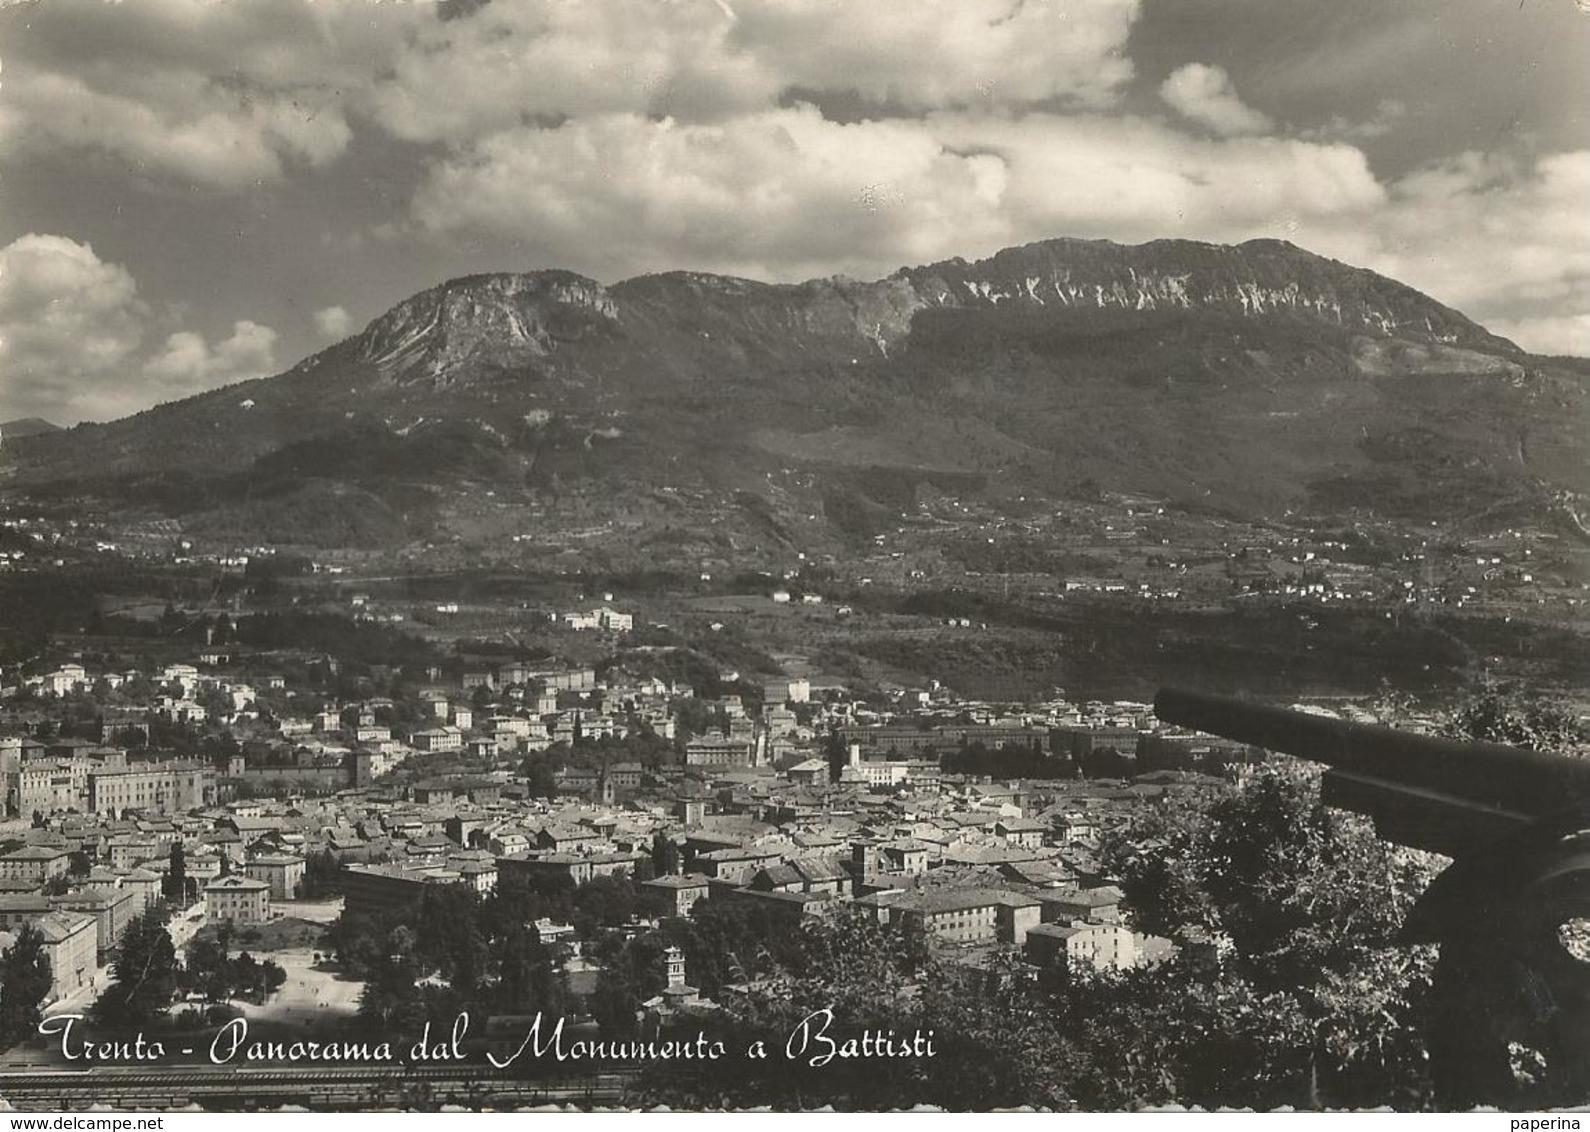 TRENTO PANORAMA DAL MONUMENTO A BATTISTI (268) - Trento